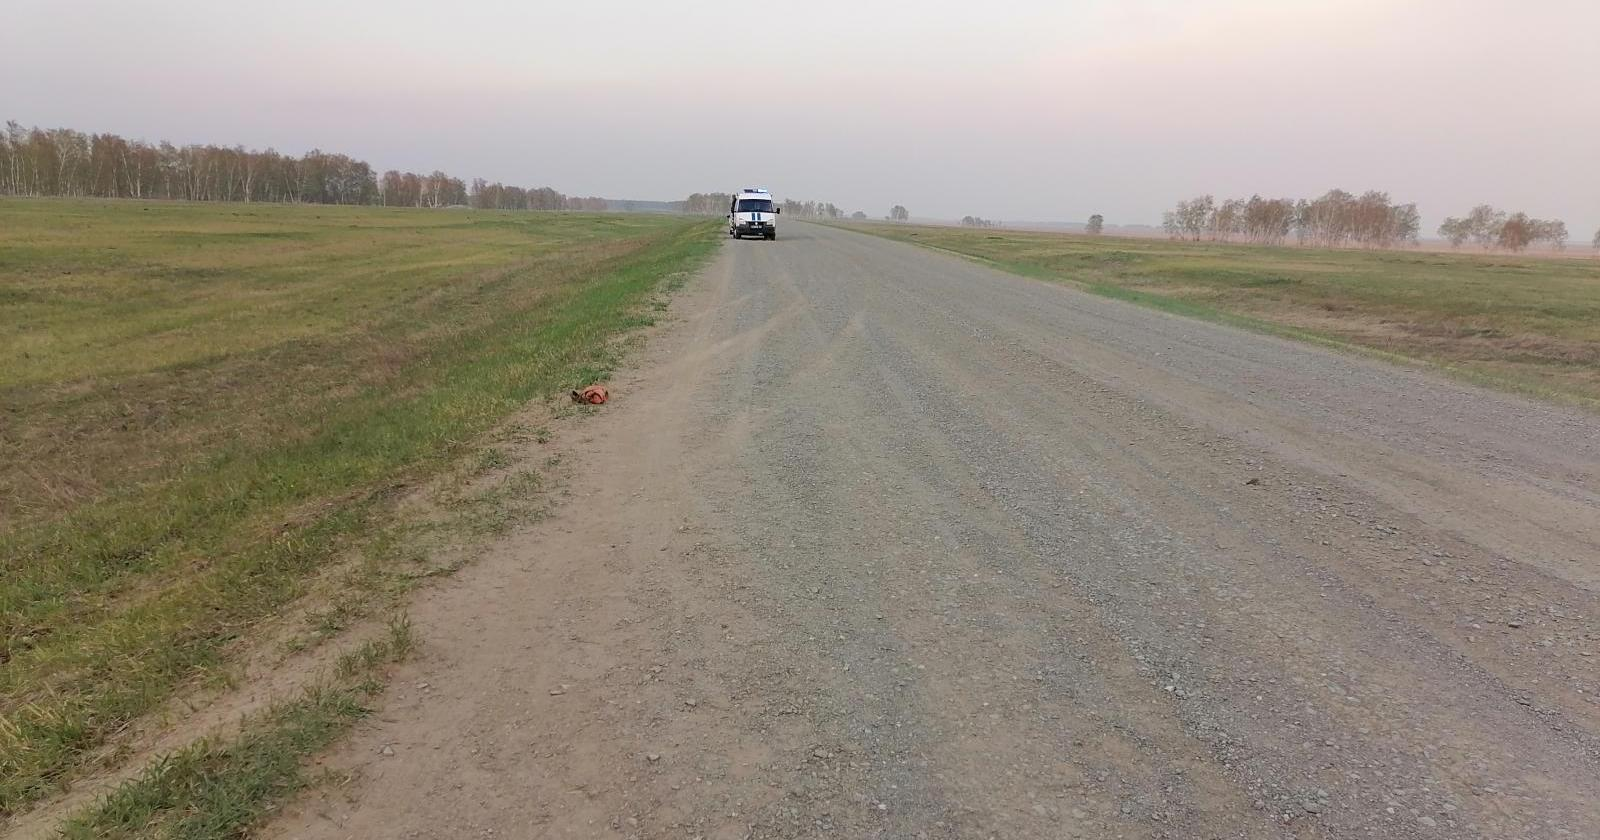 фото «Придётся учиться жить без мамы»: многодетная семья на «девятке» попала в автокатастрофу под Новосибирском 2